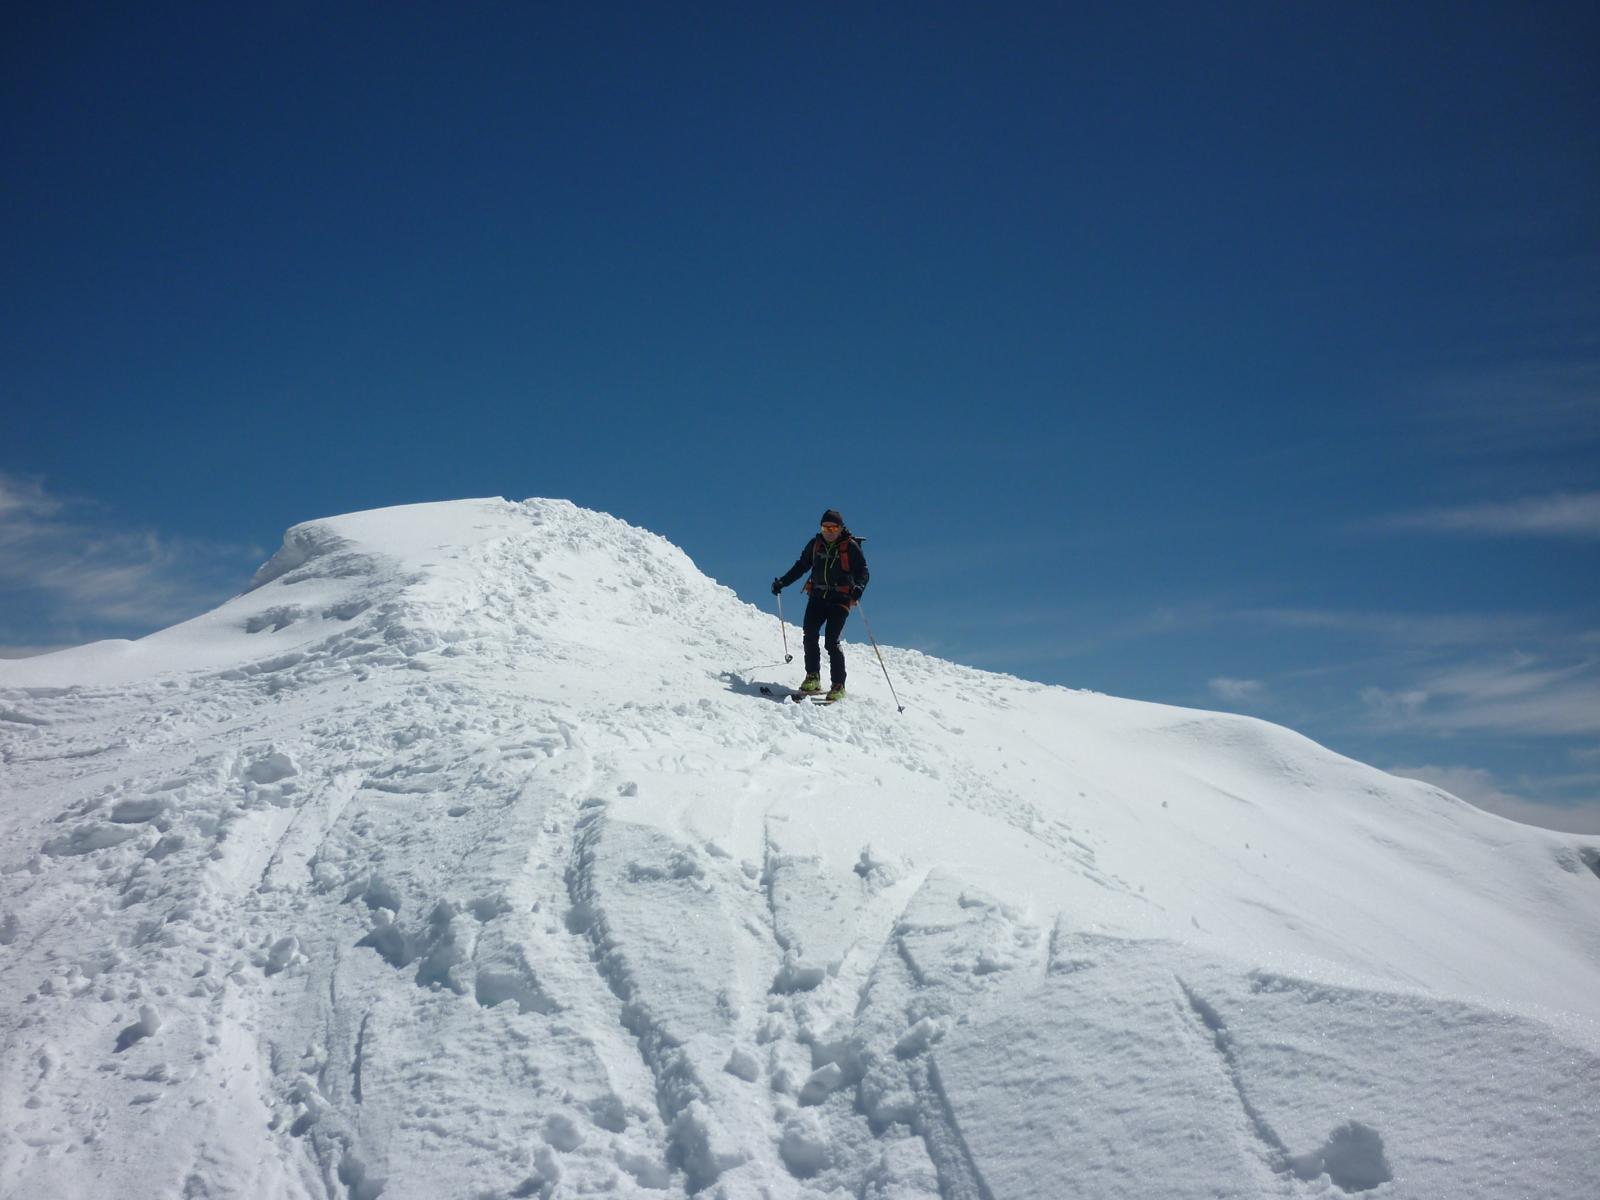 partenza dalla vetta con sci